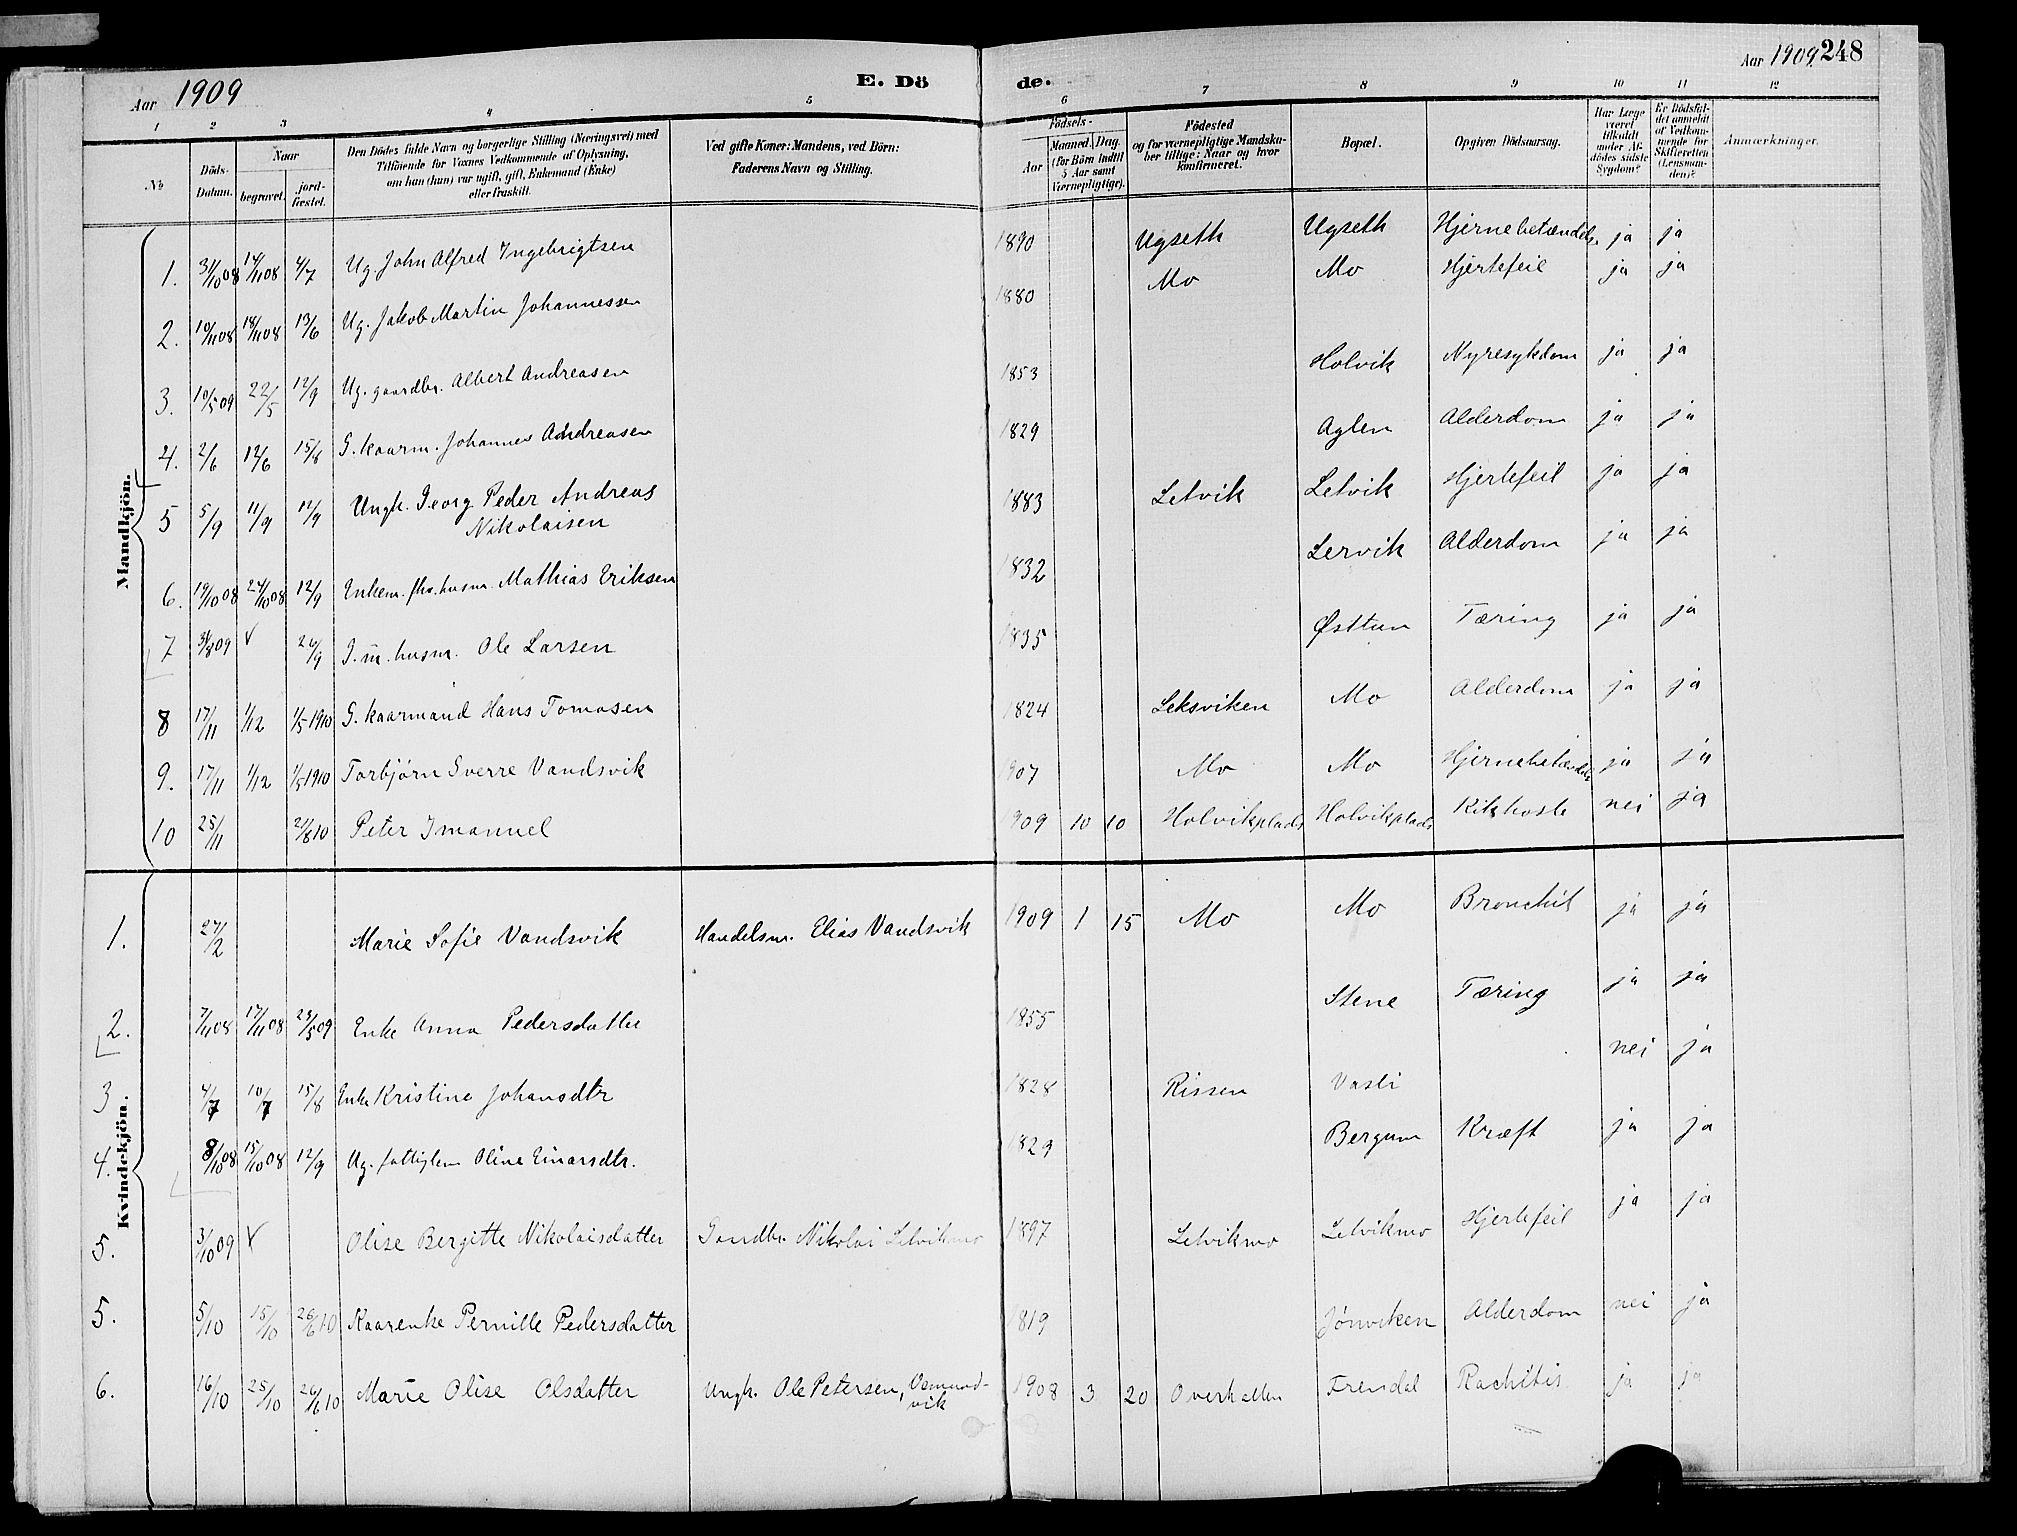 SAT, Ministerialprotokoller, klokkerbøker og fødselsregistre - Nord-Trøndelag, 773/L0617: Ministerialbok nr. 773A08, 1887-1910, s. 248